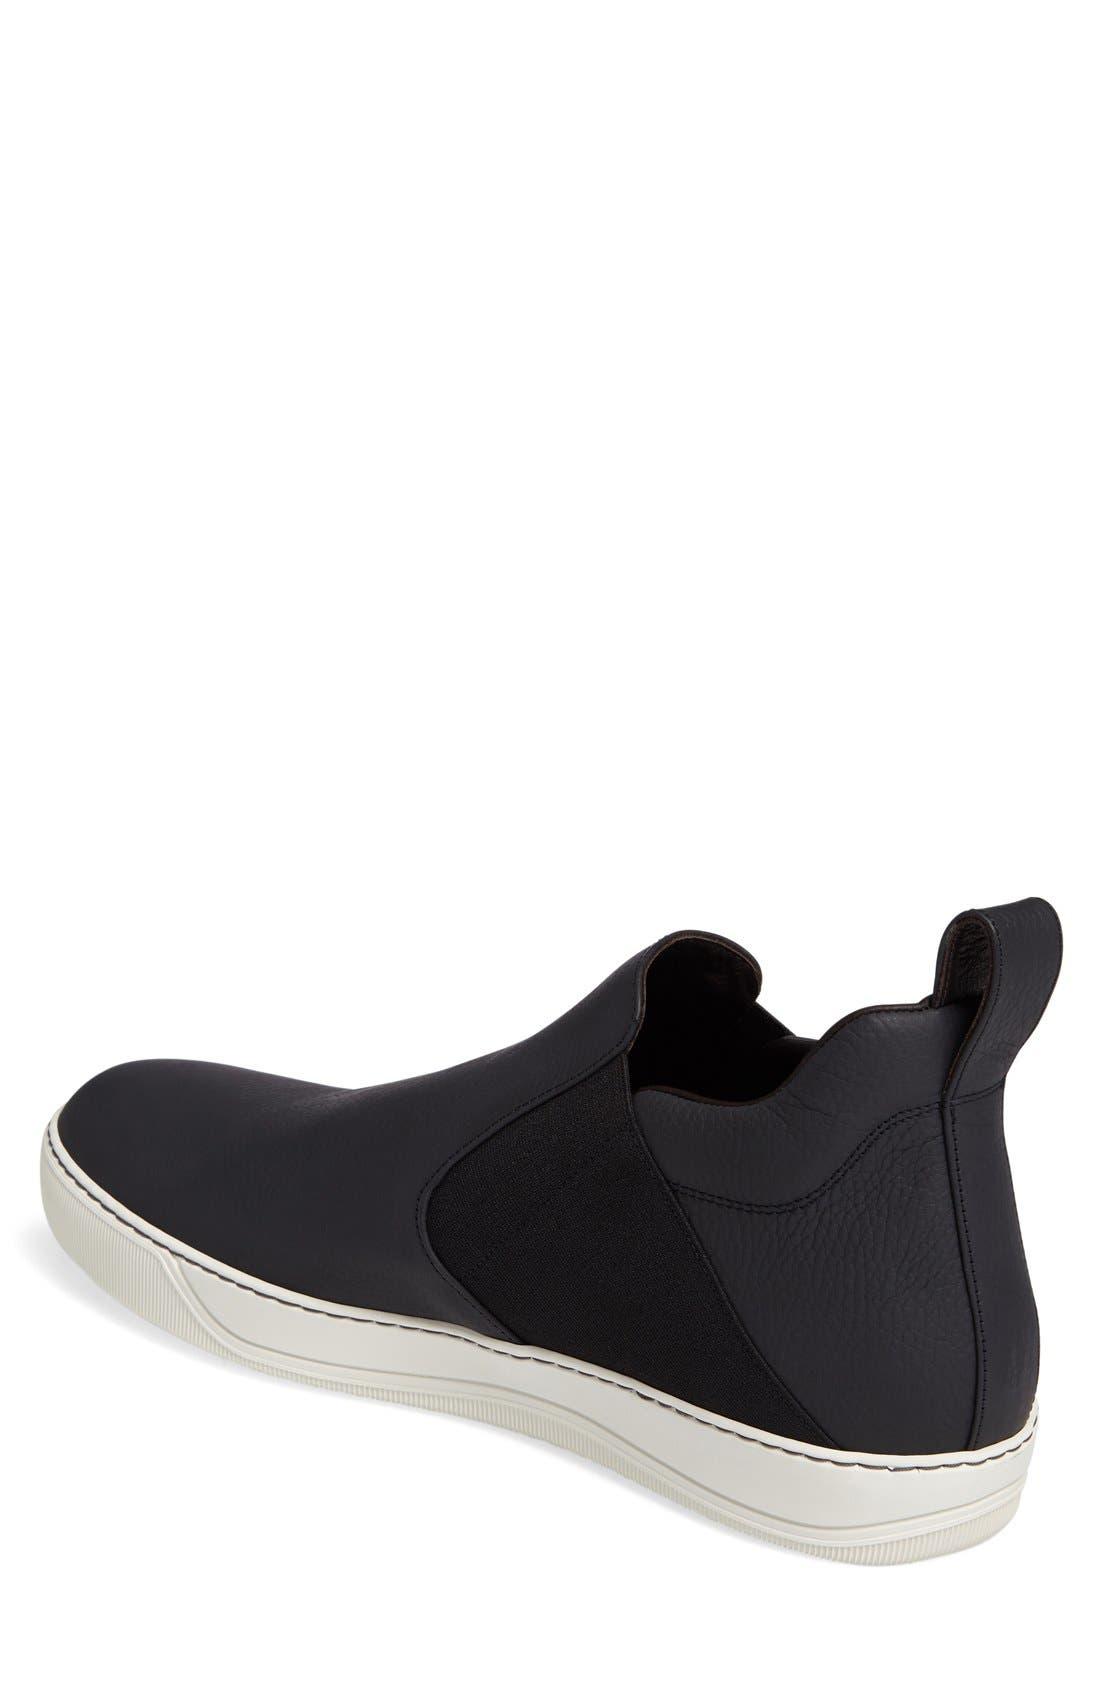 Alternate Image 2  - Lanvin Mid Slip-On Sneaker (Men)